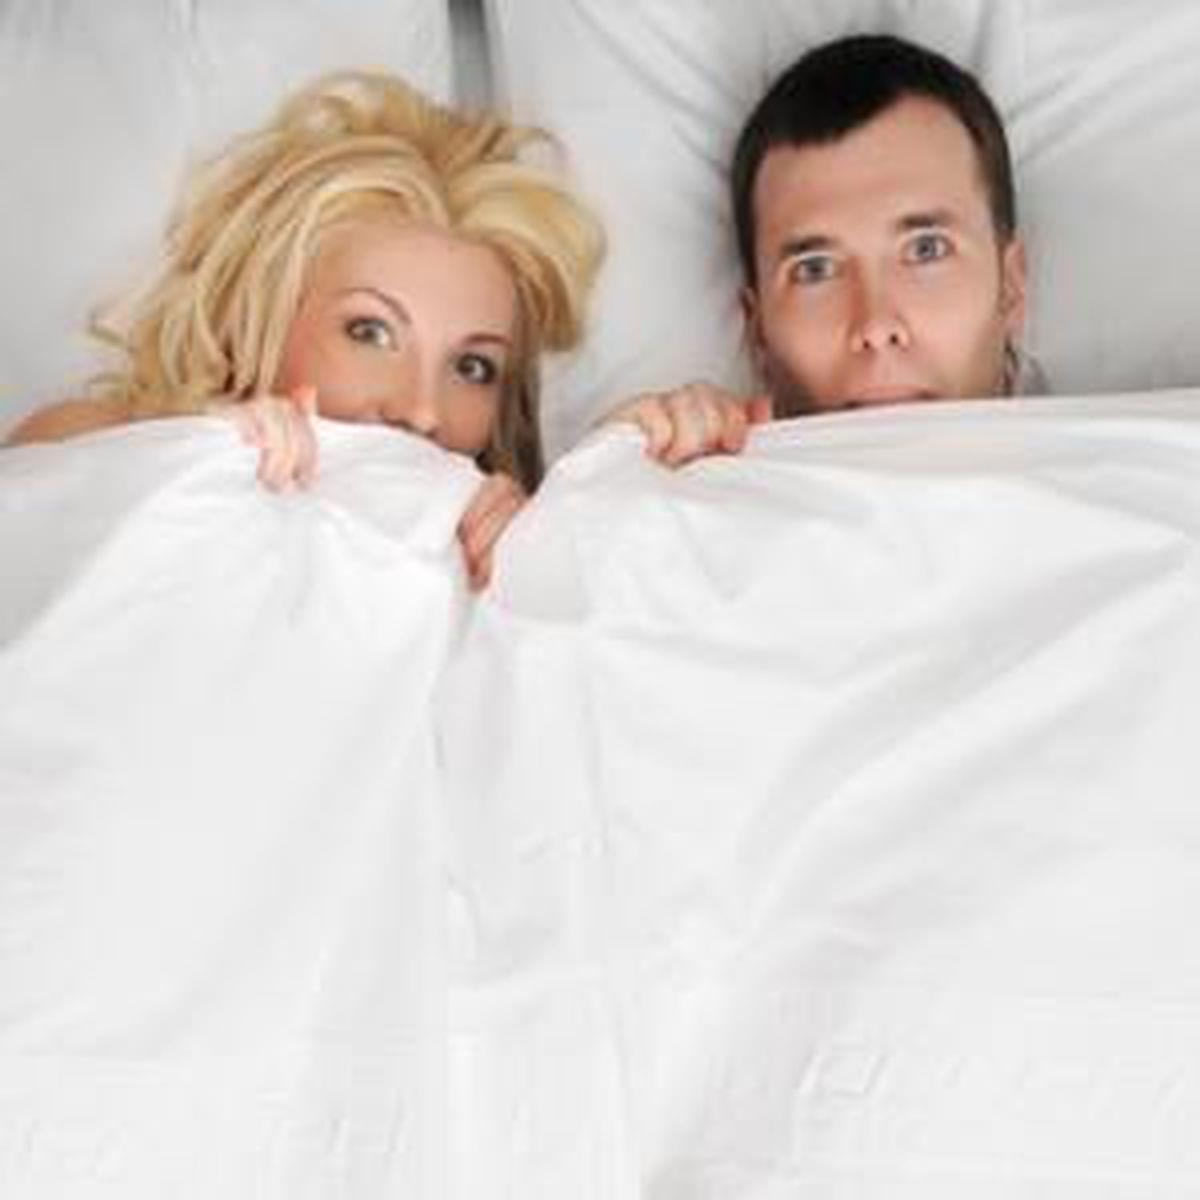 ce trebuie făcut dacă nu există erecție matinală